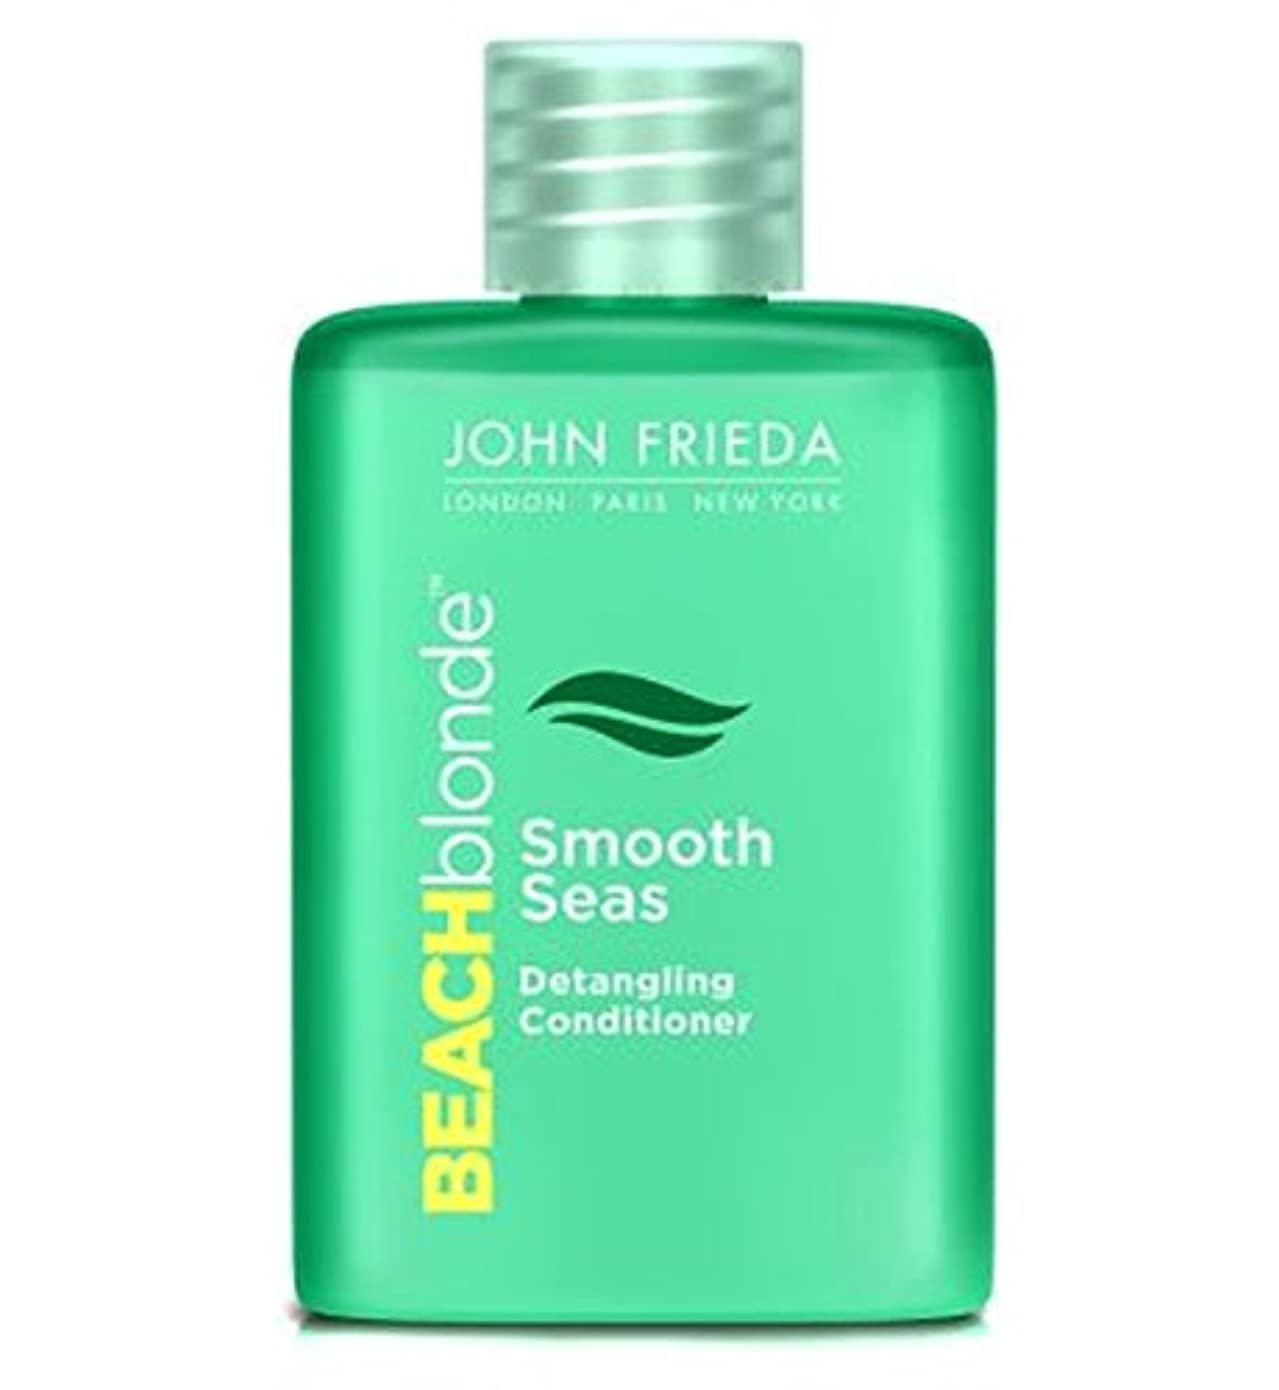 恥ずかしい珍しいJohn Frieda? Beach Blonde Smooth Seas Detangling Conditioner 50ml - コンディショナー50ミリリットルをもつれ解除ジョンFrieda?ビーチブロンド滑らかな海 (John Frieda) [並行輸入品]